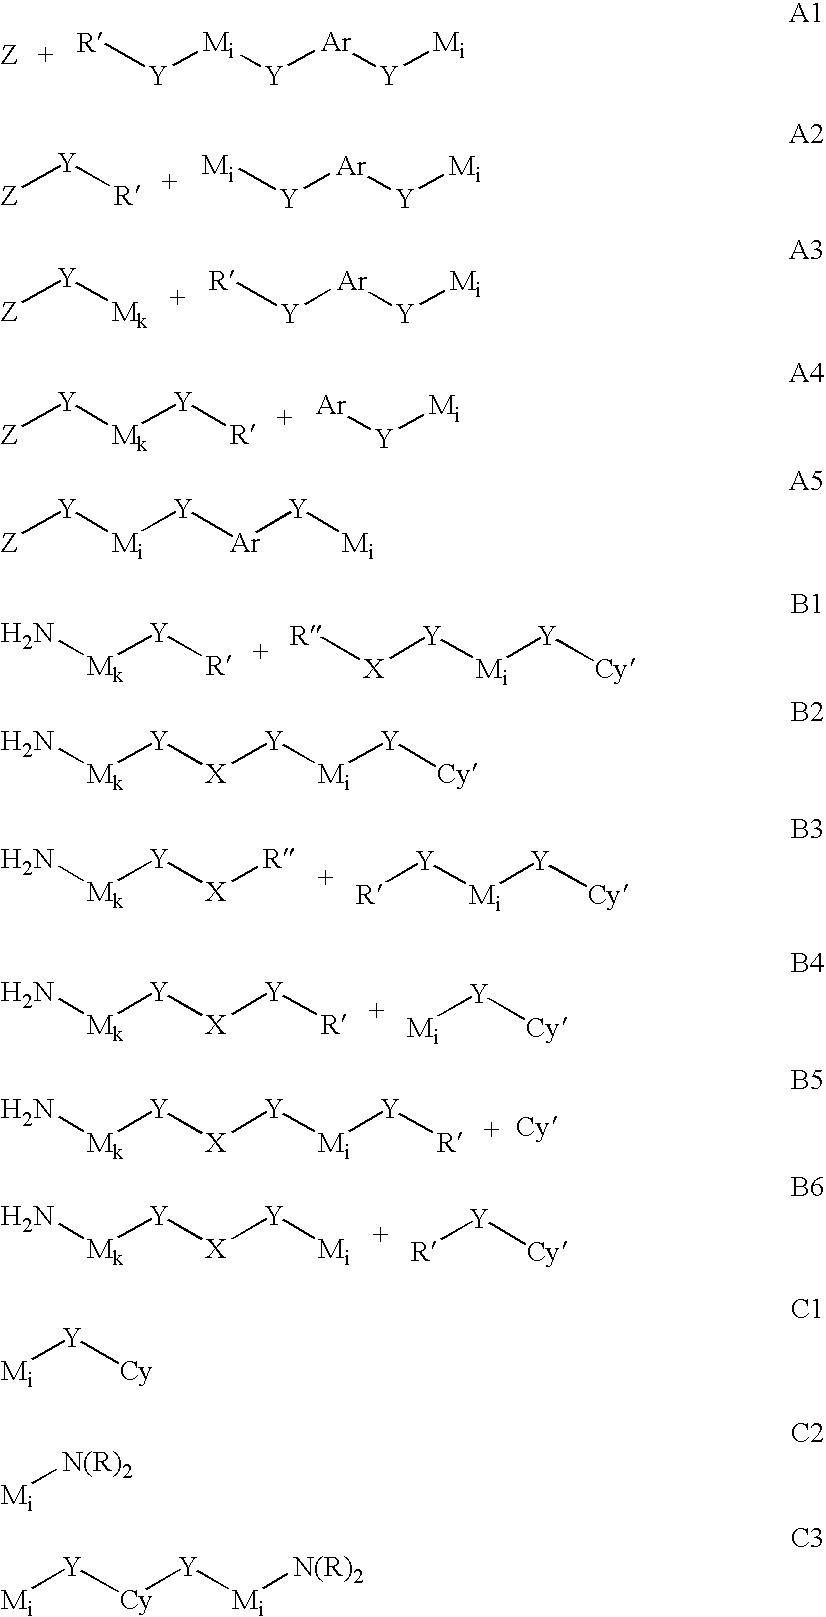 Figure US08852937-20141007-C00035